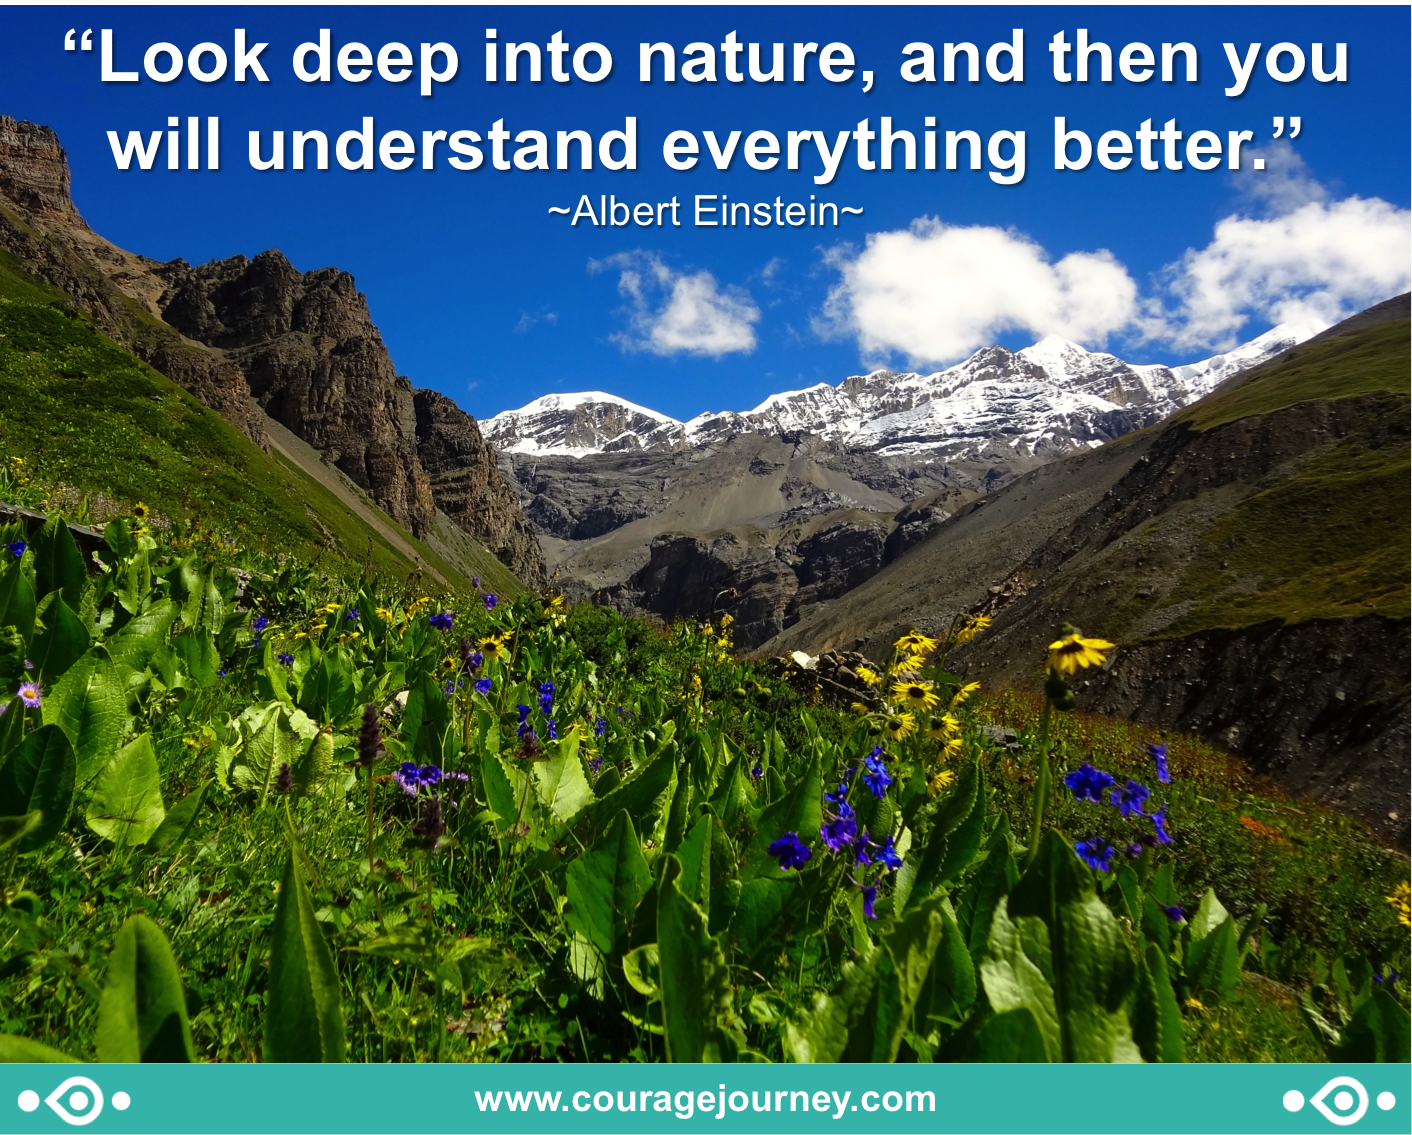 Einstein on nature